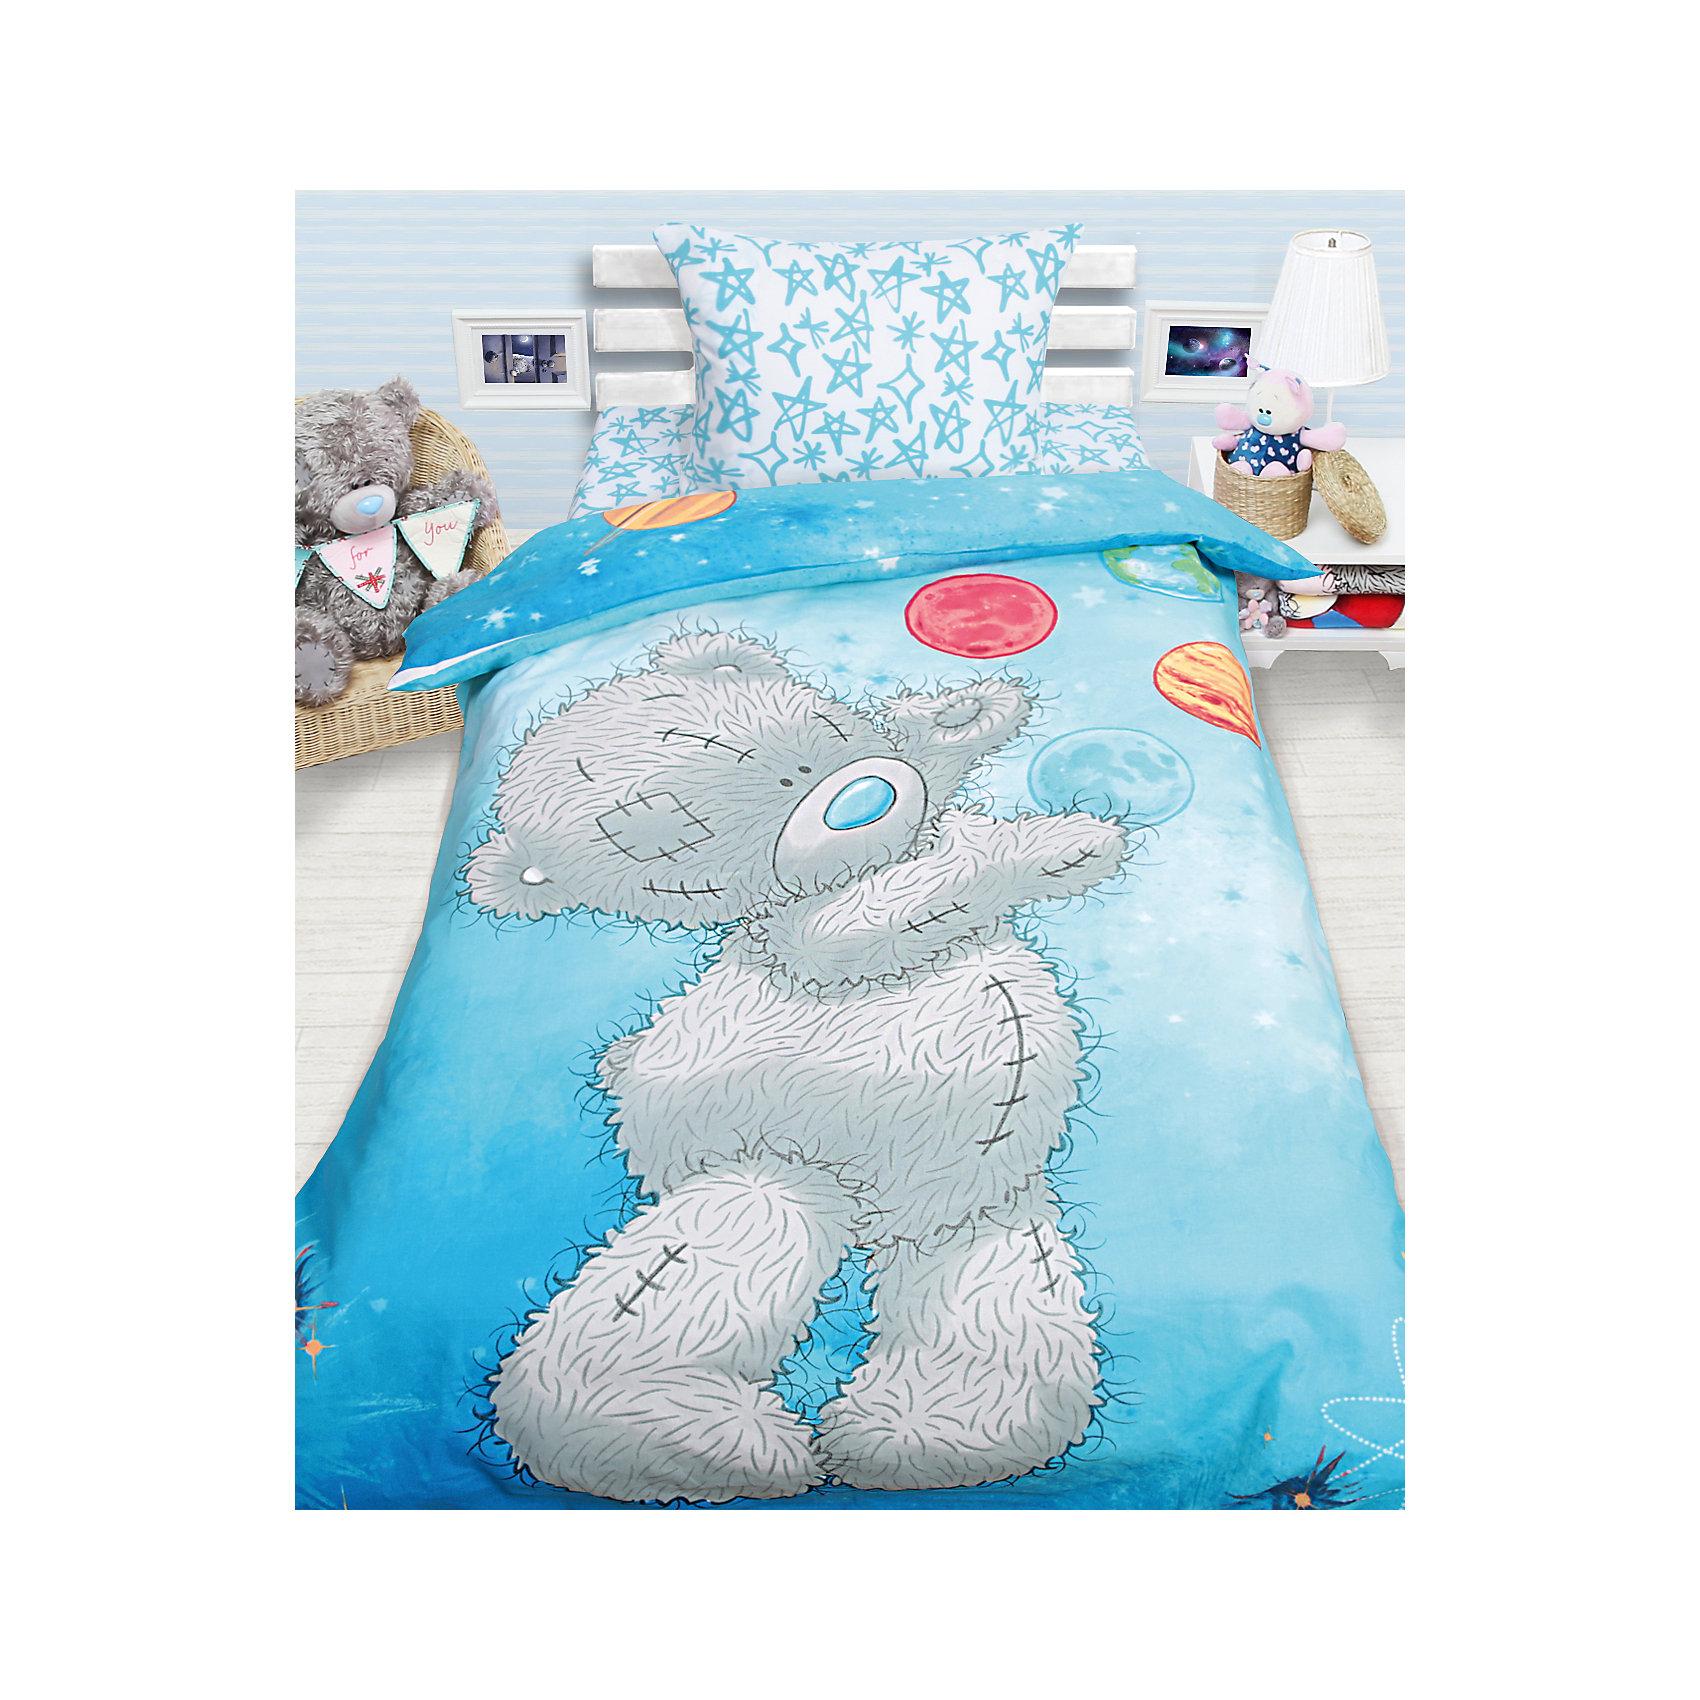 Мона Лиза Постельное белье детское Тедди Астроном, 1,5-спальный (наволочка 50*70 см) мона лиза 2 спальное наволочка 50х70 samui